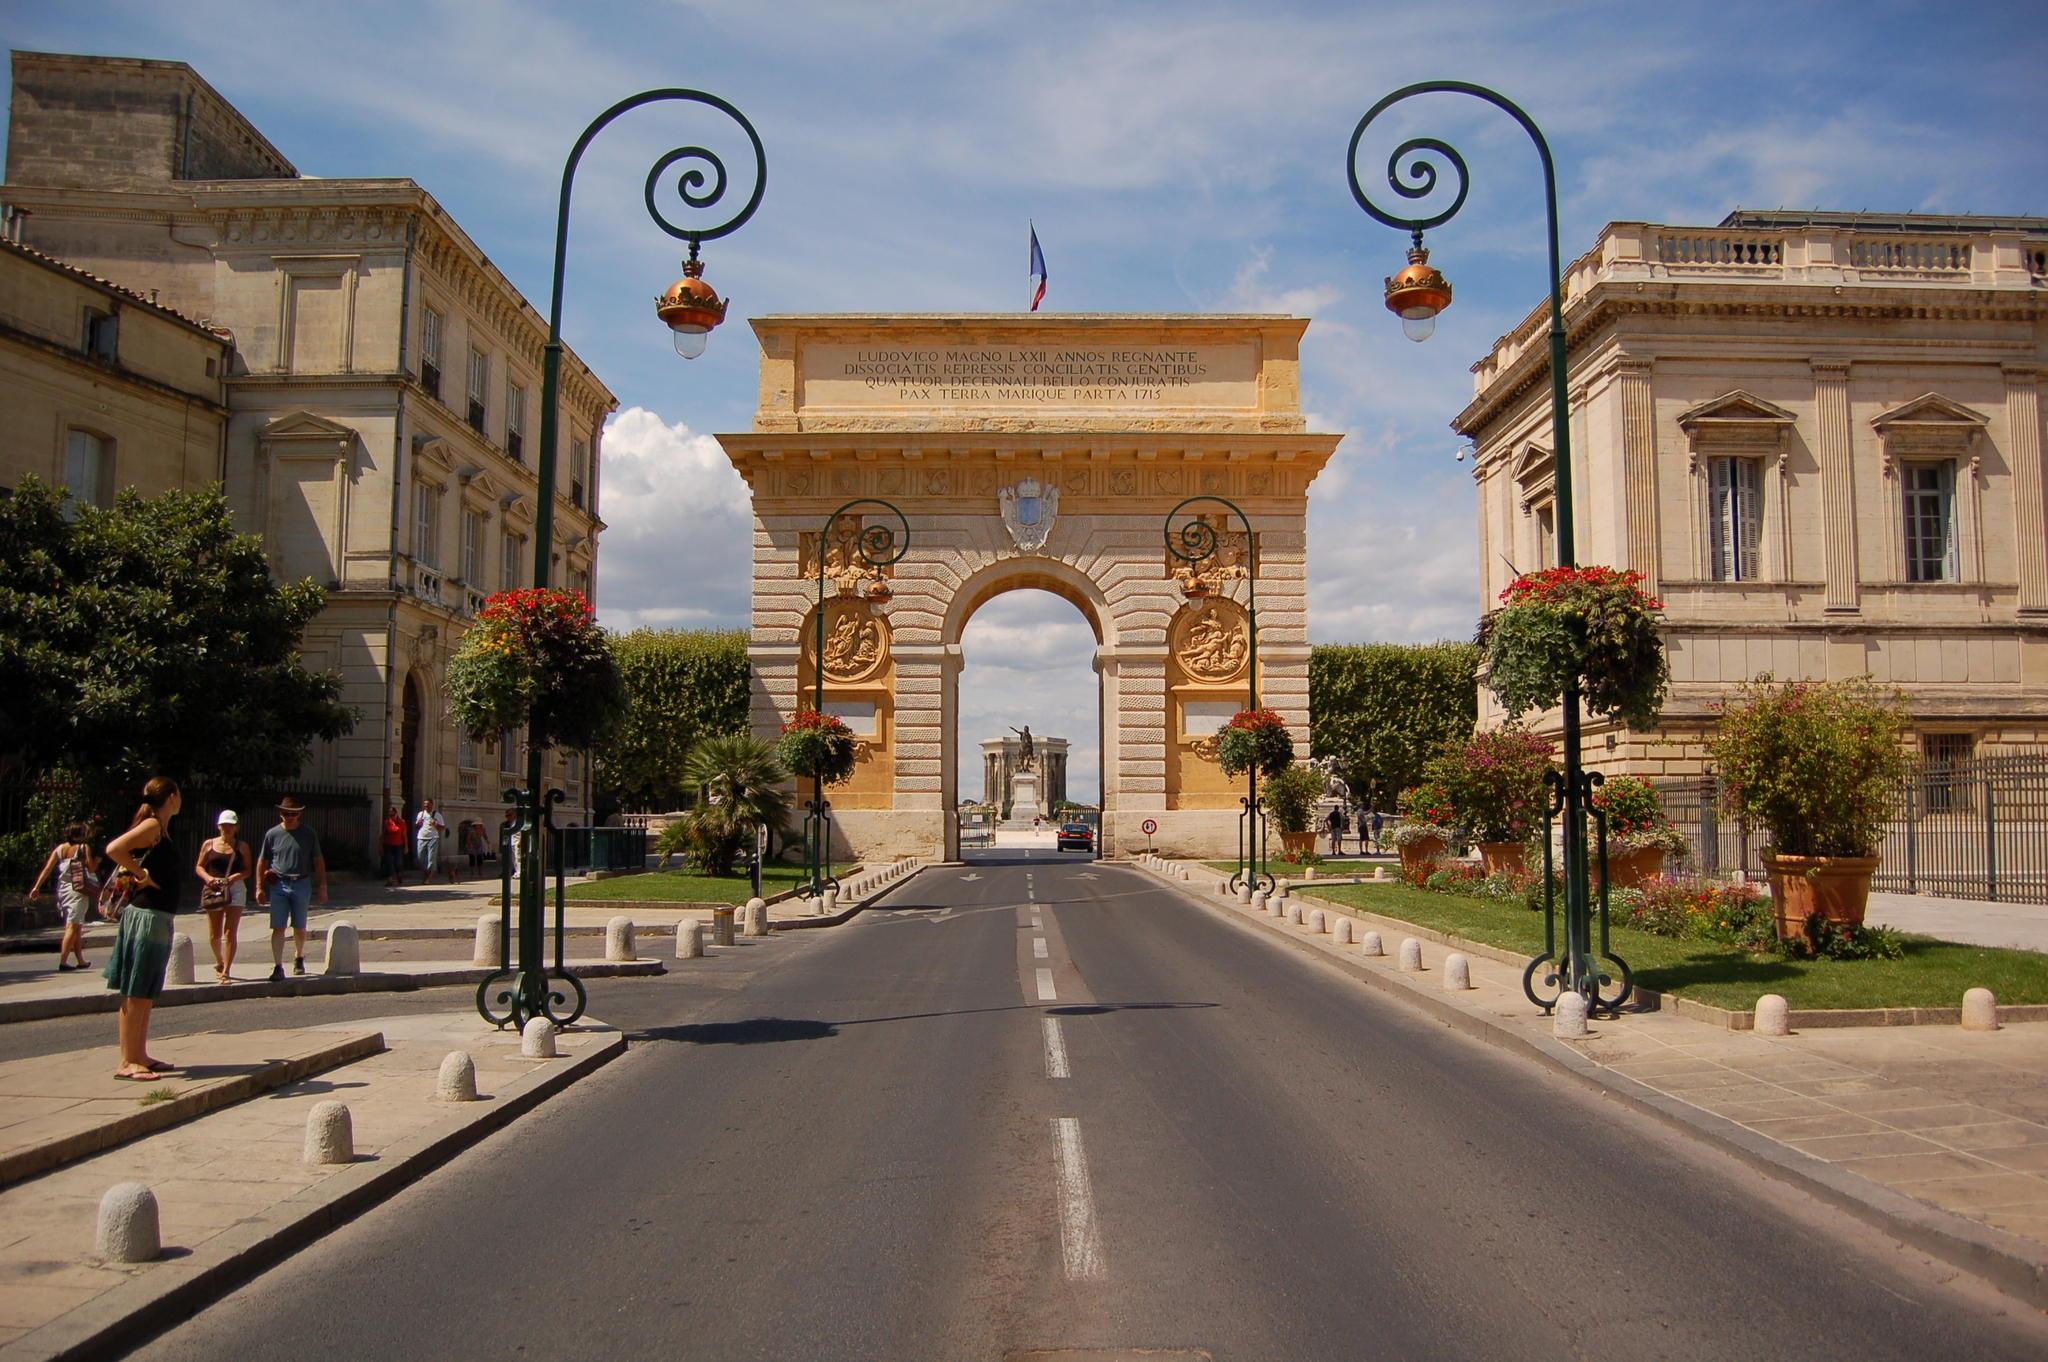 Ferienwohnung Wohnung mit 2 Zimmern in Montpellier mit möblierter Terrasse und W-LAN - 15 km vom Strand  (2351209), Montpellier, Mittelmeerküste Hérault, Languedoc-Roussillon, Frankreich, Bild 14